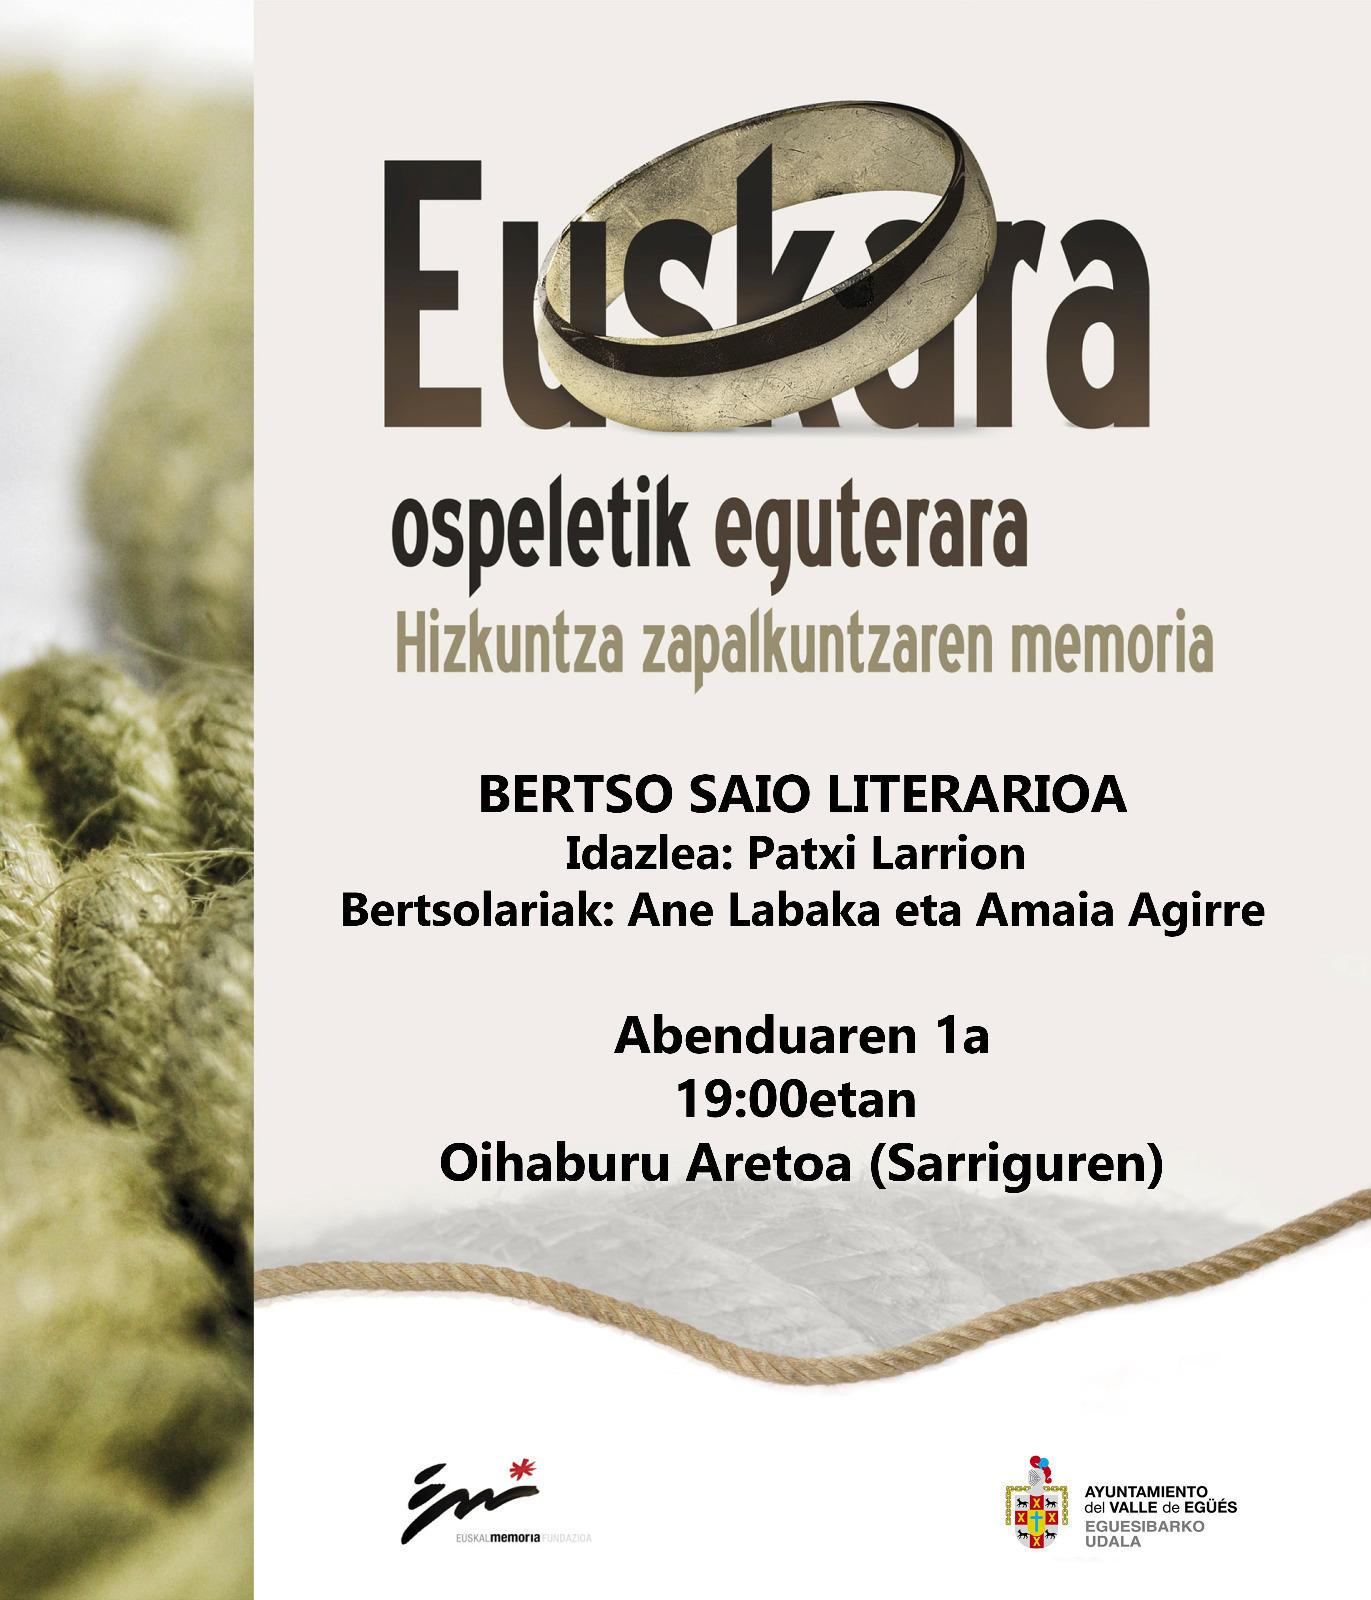 Bertso-saio literarioa @ Sarrigurenen